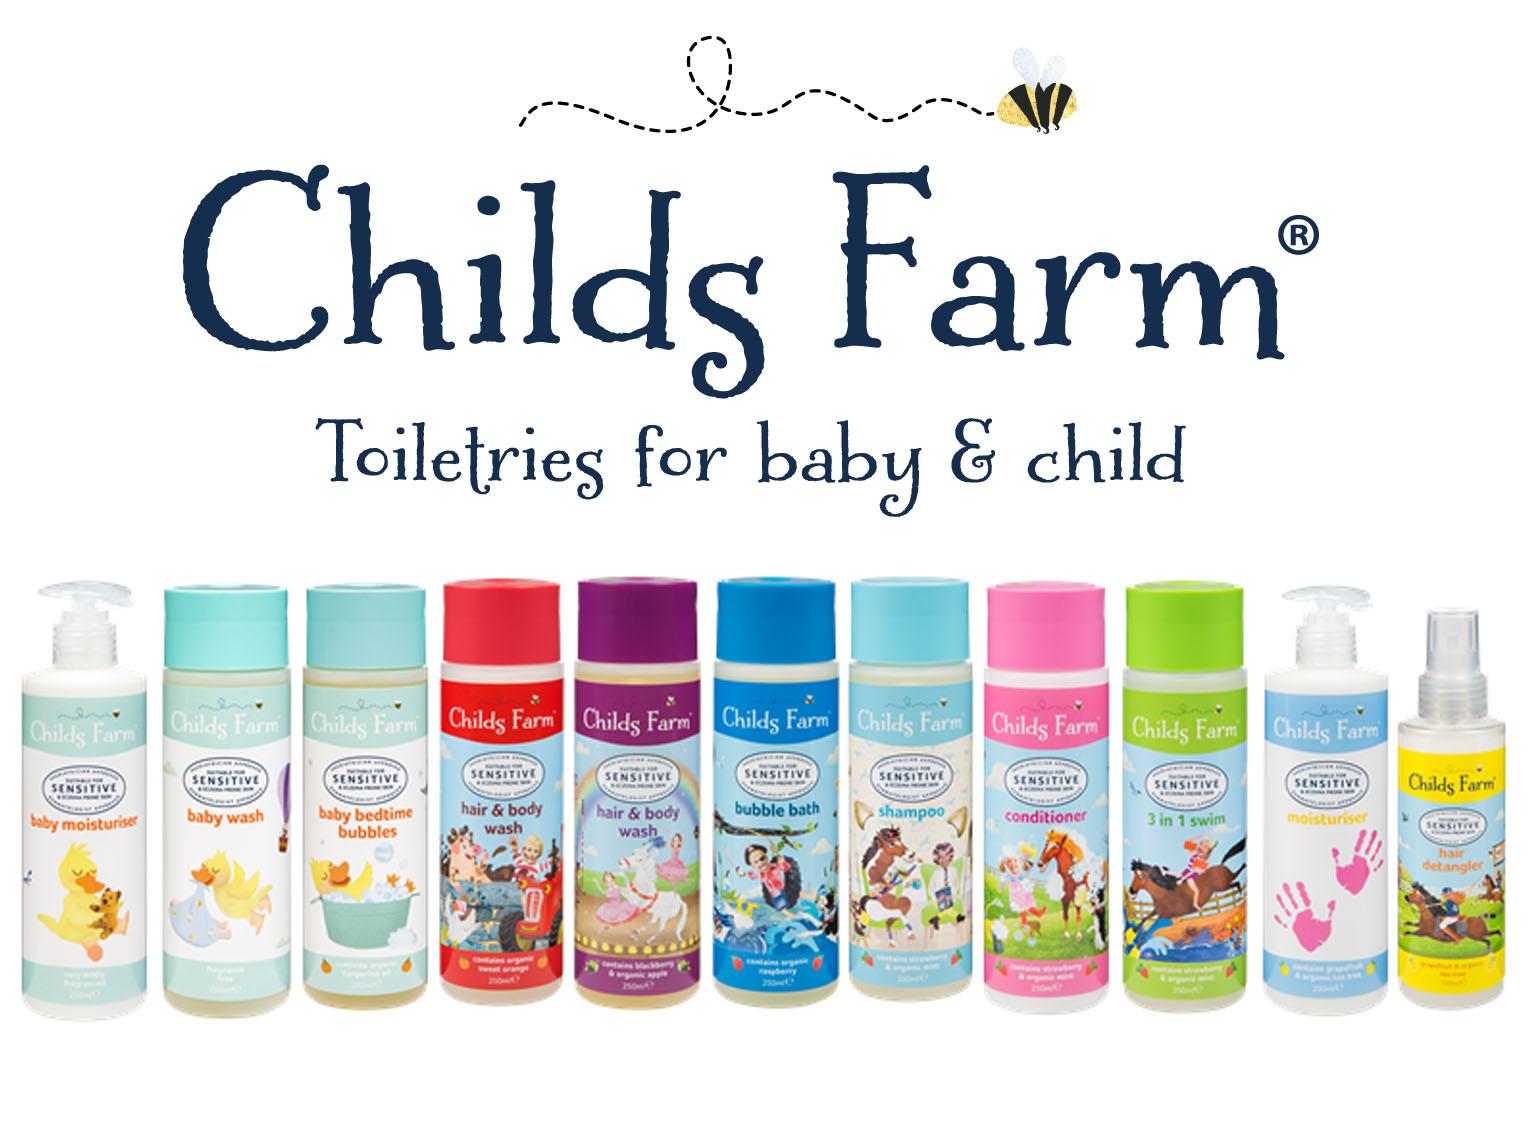 Childs Farm Ucc Australia